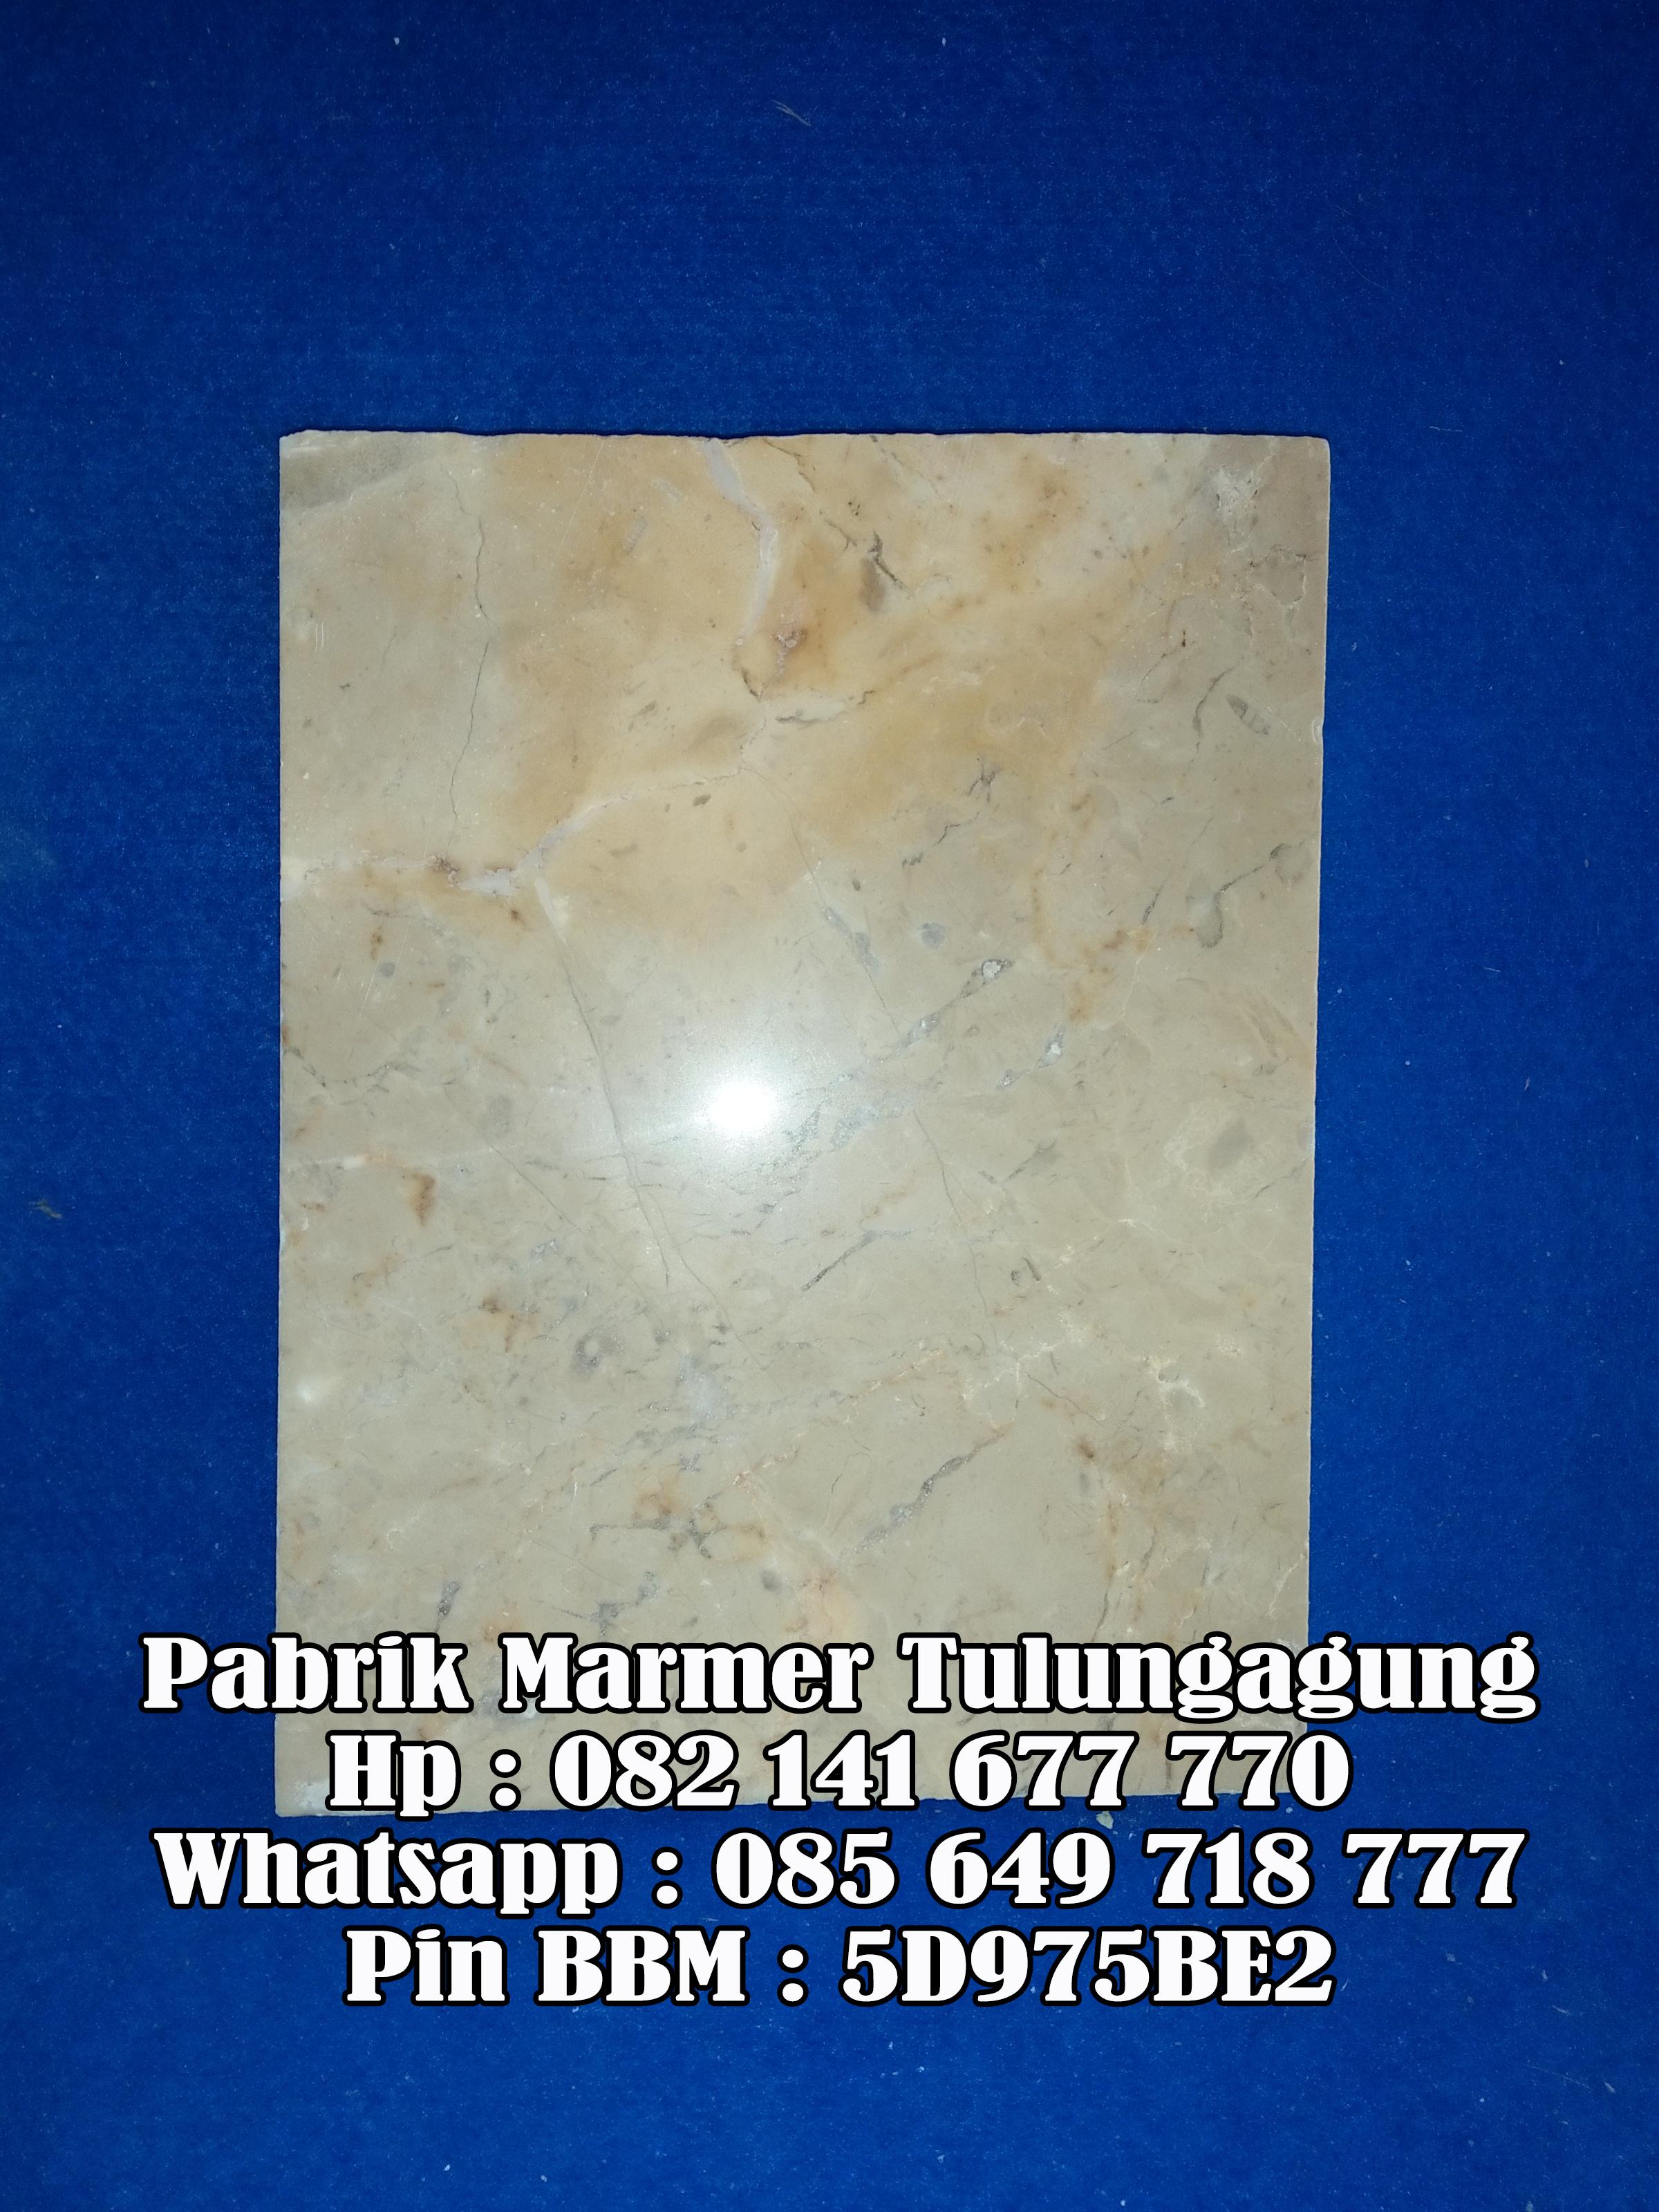 Harga Lantai Marmer Per Meter | Pabrik Marmer Tulungagung